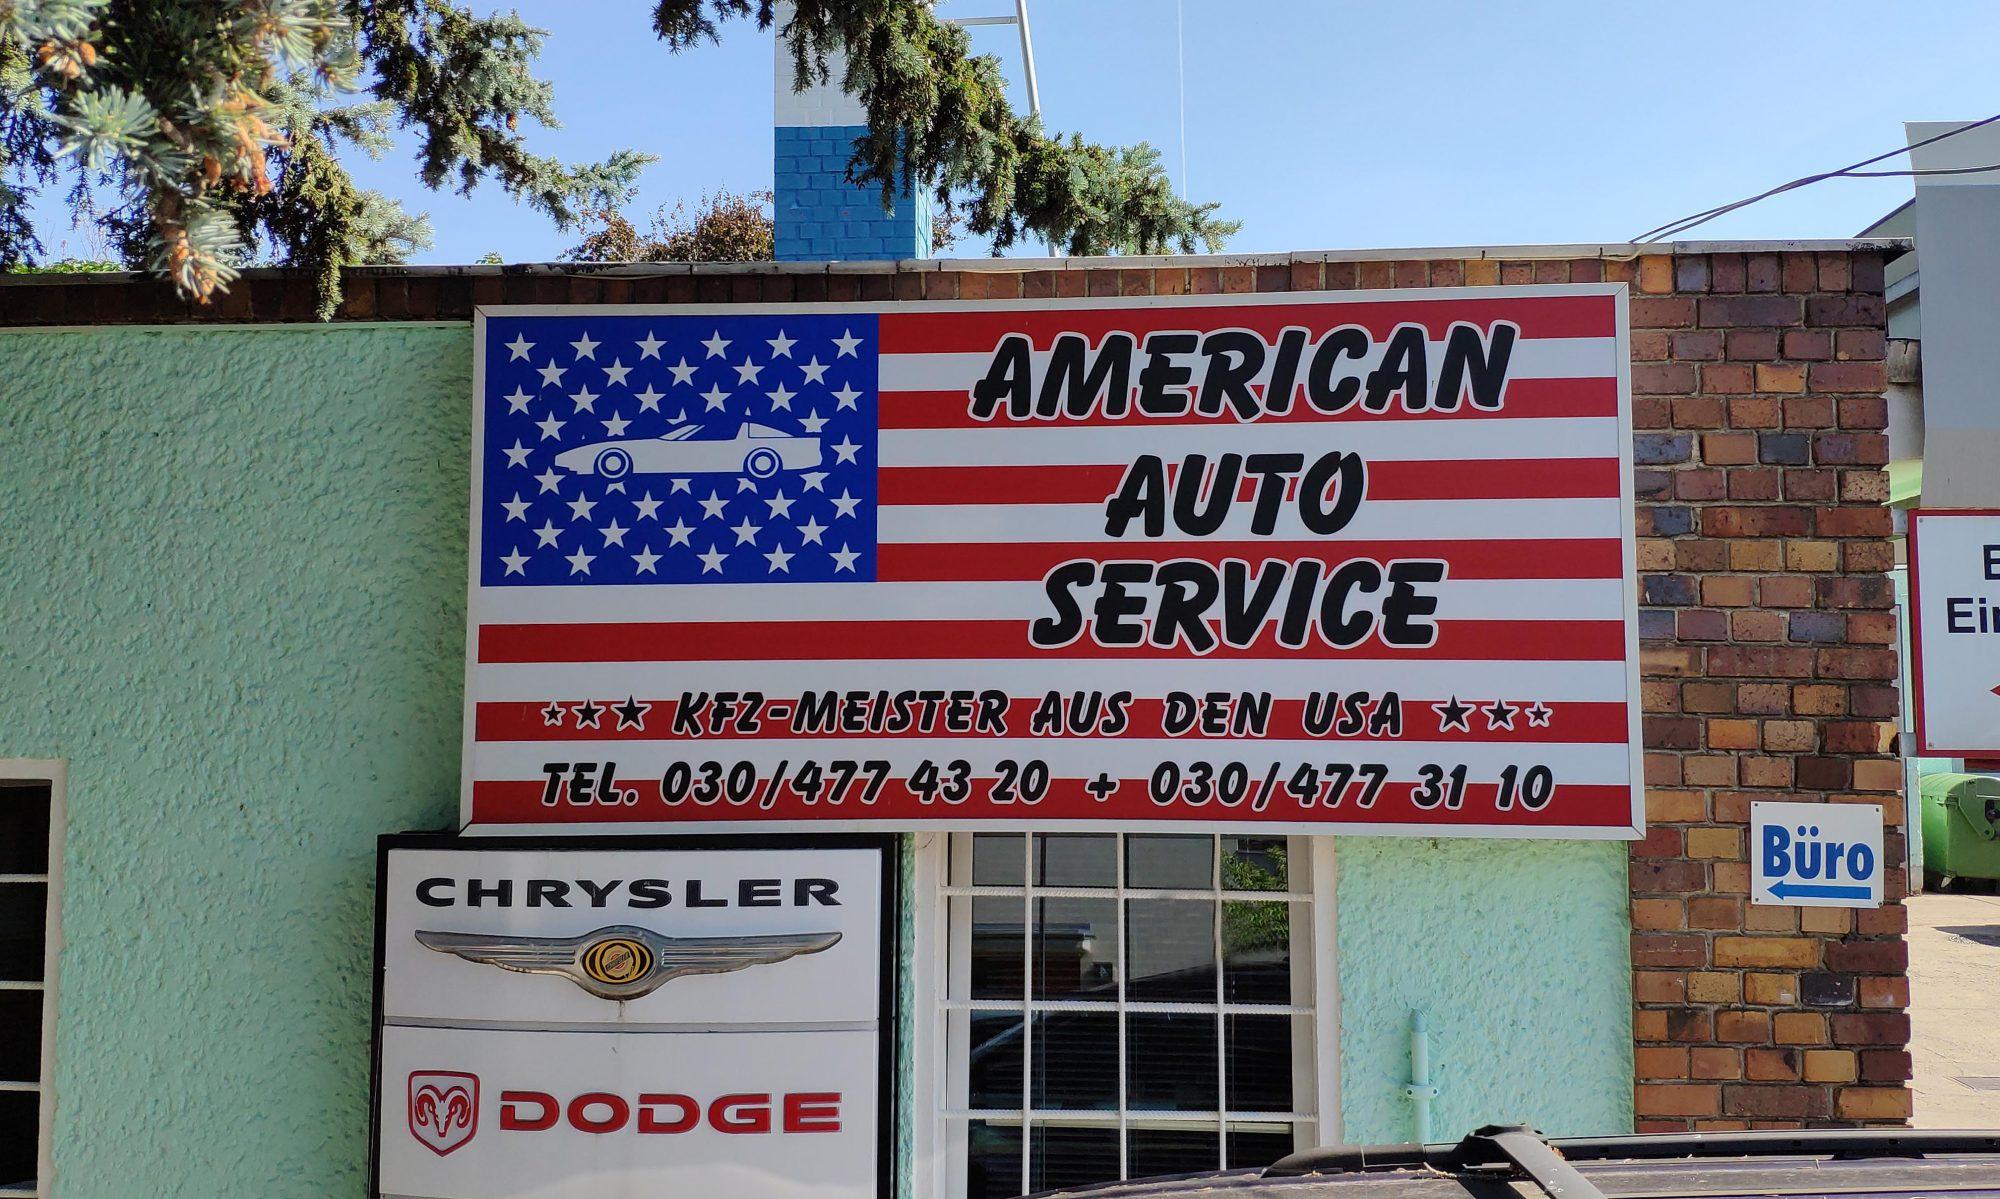 American Auto Service Berlin